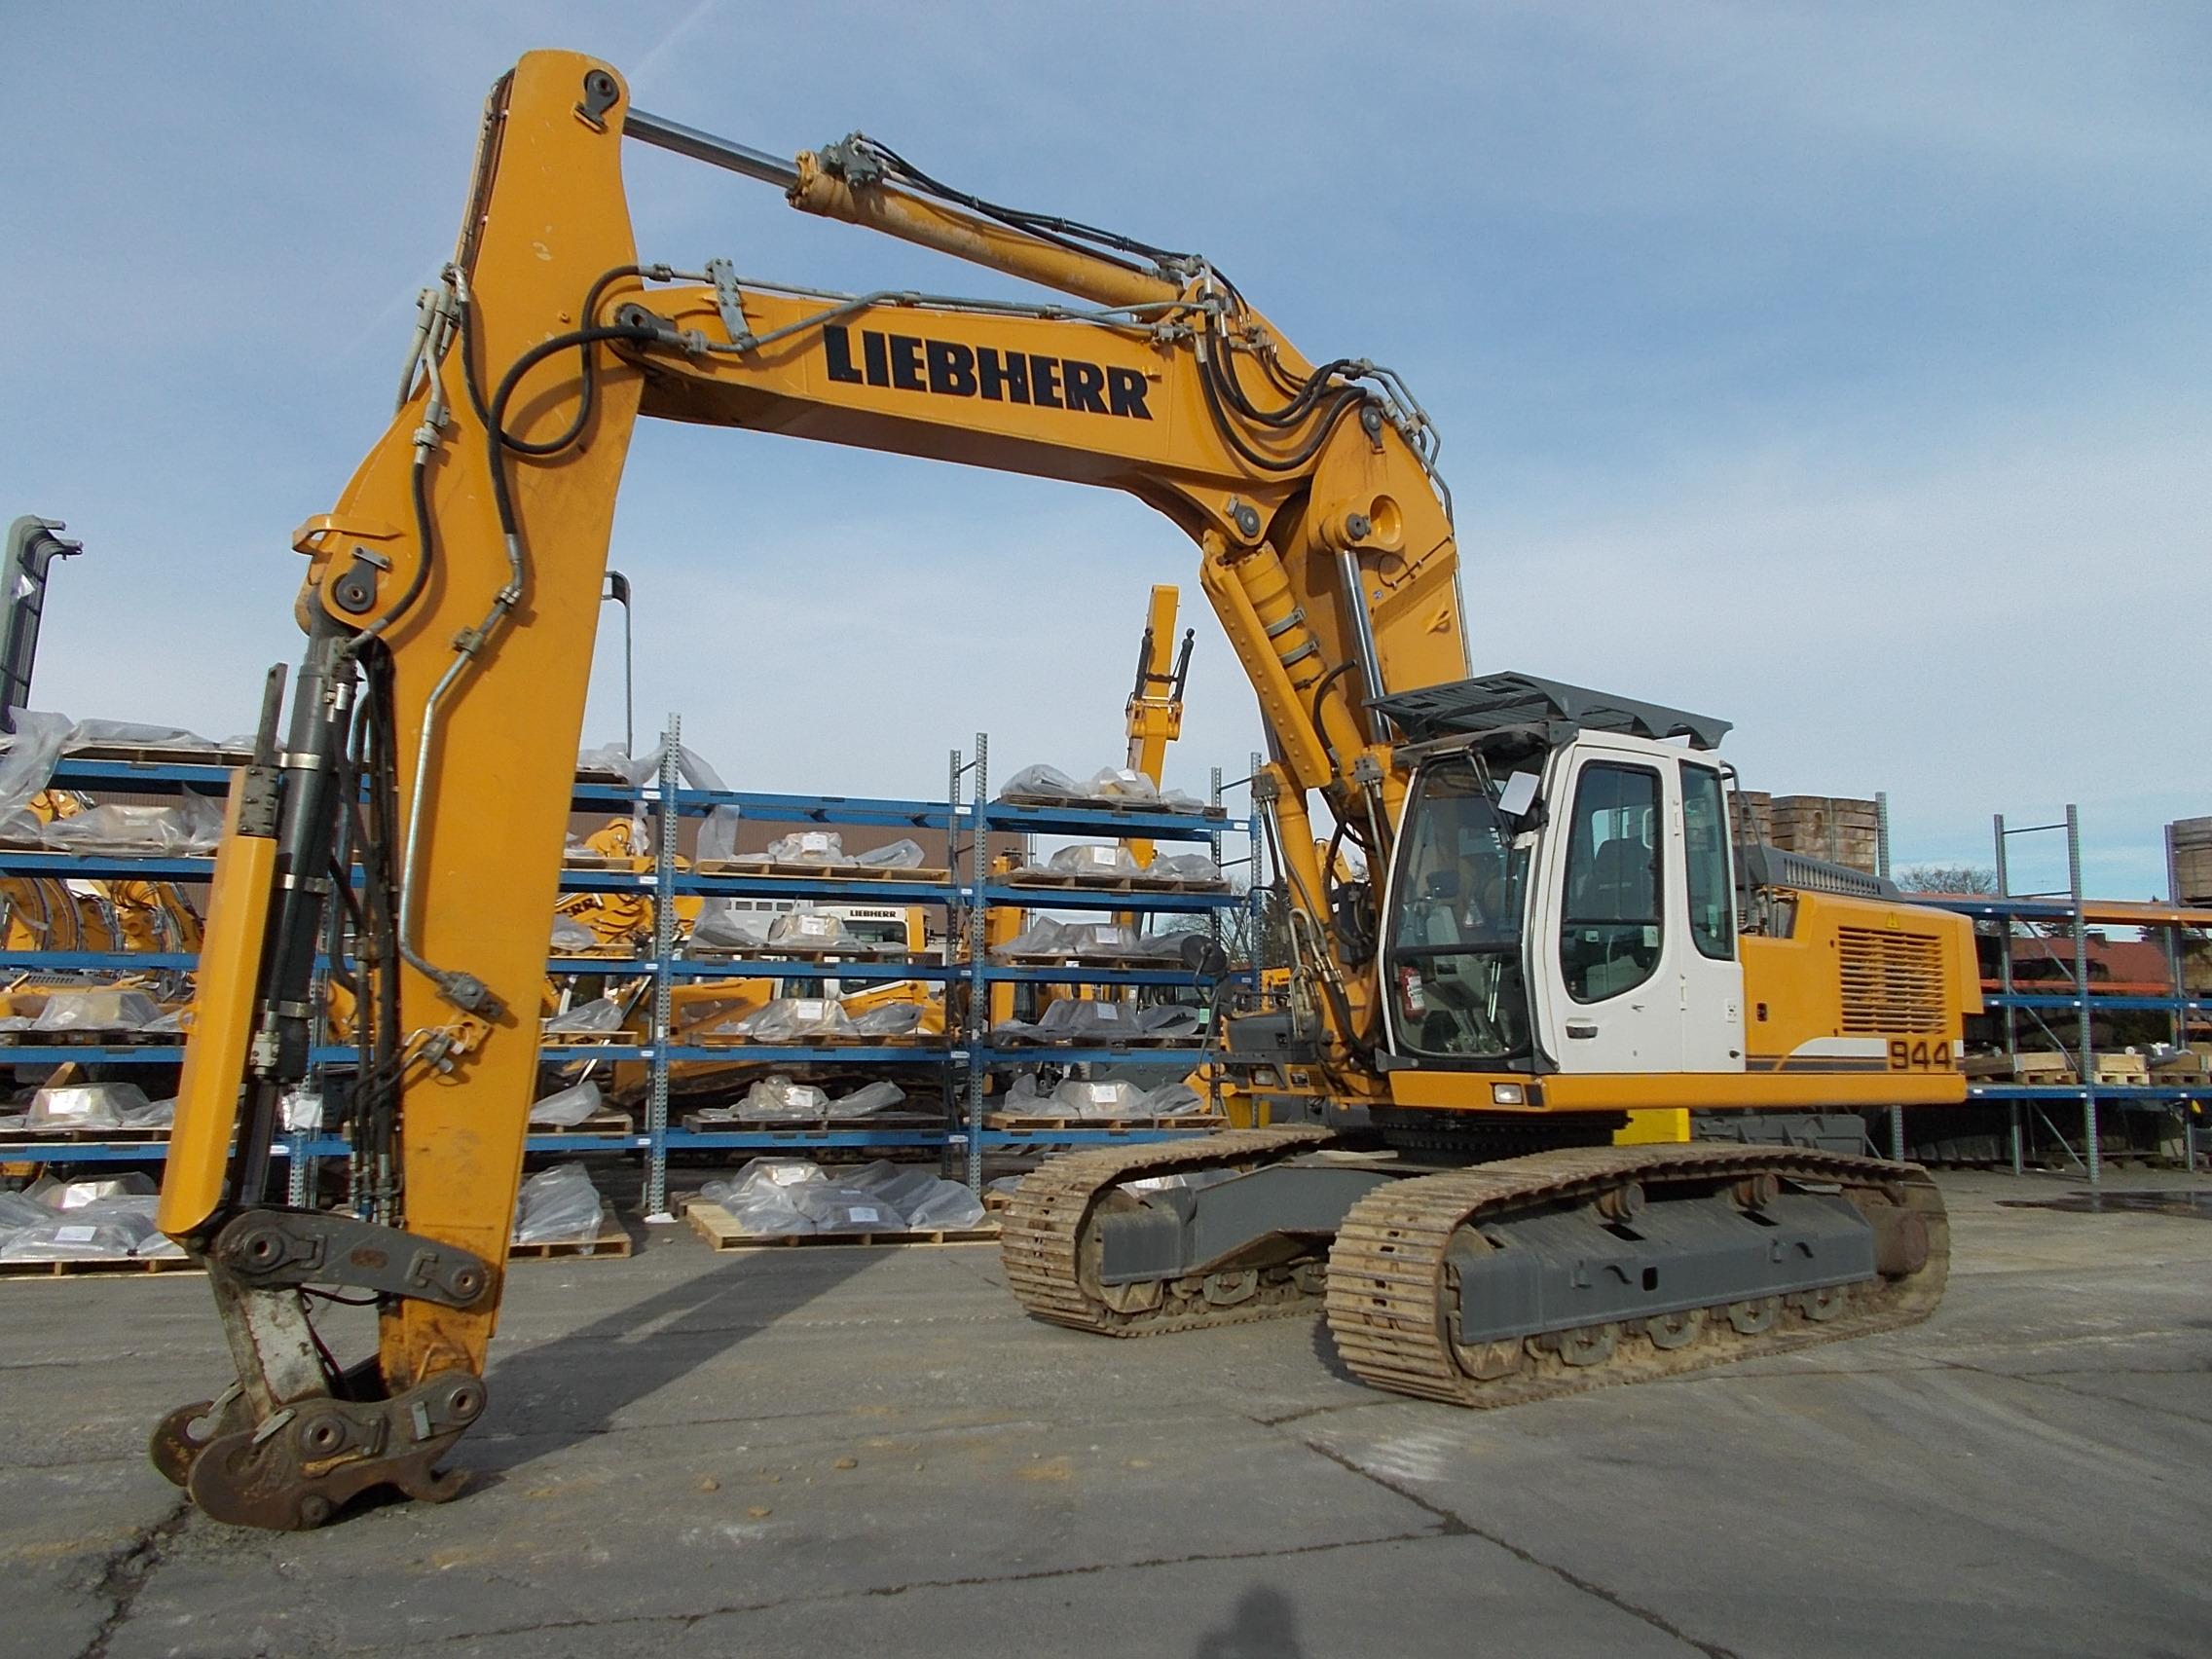 R944C-NLC-LI-1338-33949_003.JPG